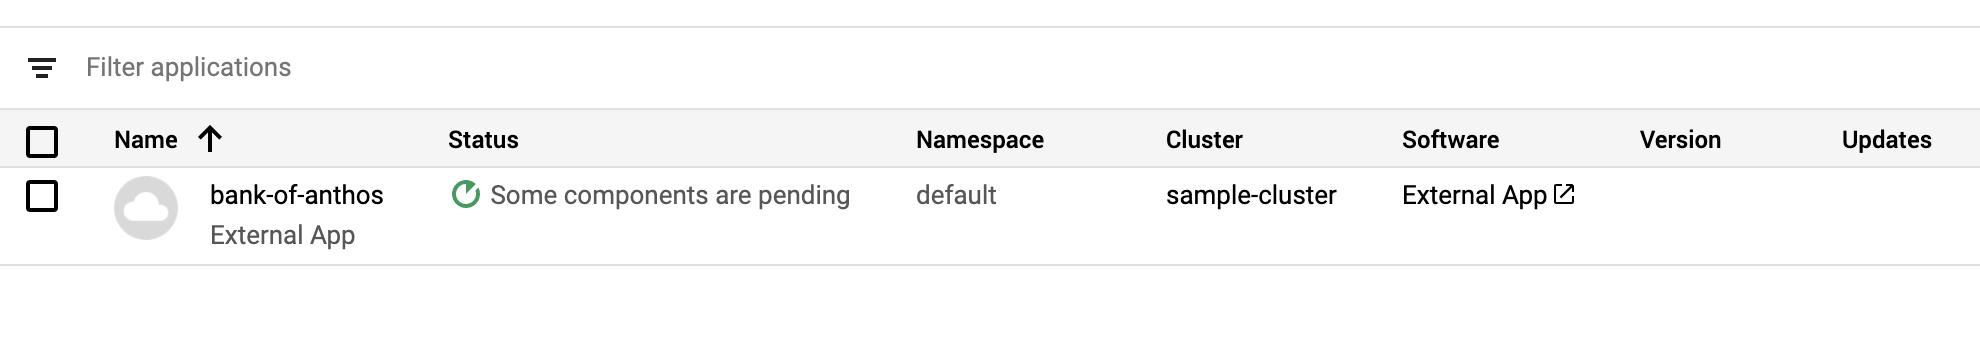 """O tipo de software """"Aplicativo externo"""" é formatado como um hiperlink."""